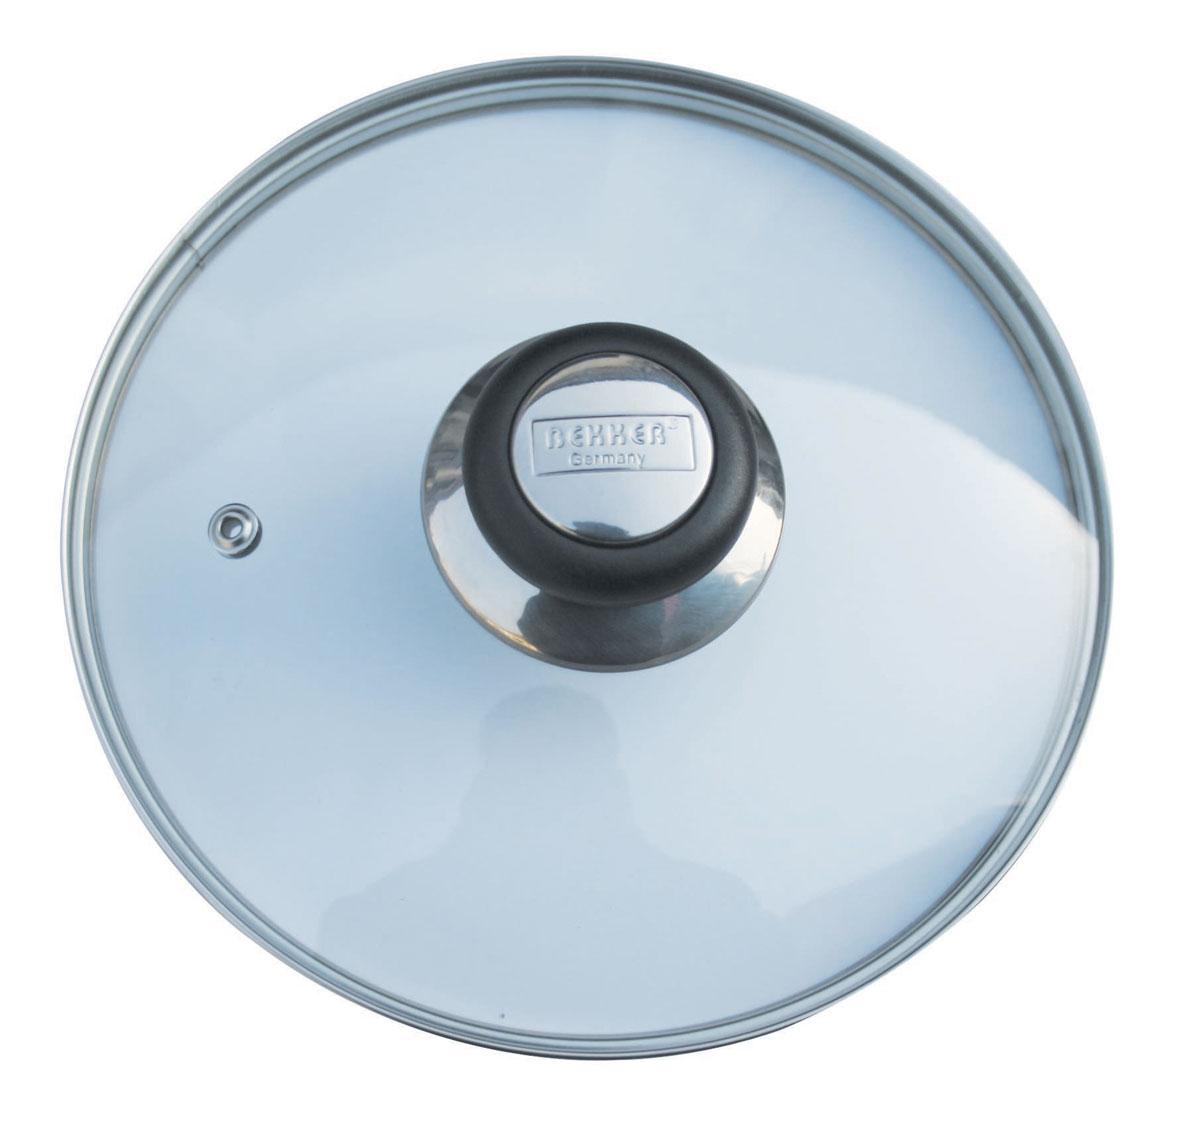 Крышка стеклянная Bekker. Диаметр 18 см115510Крышка Bekker изготовлена из прозрачного термостойкого стекла. Обод, выполненный из высококачественной нержавеющей стали, защищает крышку от повреждений. Ручка из бакелита черного цвета защищает ваши руки от высоких температур. Крышка удобна в использовании, позволяет контролировать процесс приготовления пищи. Имеется отверстие для выпуска пара. Толщина стенки: 4 мм.